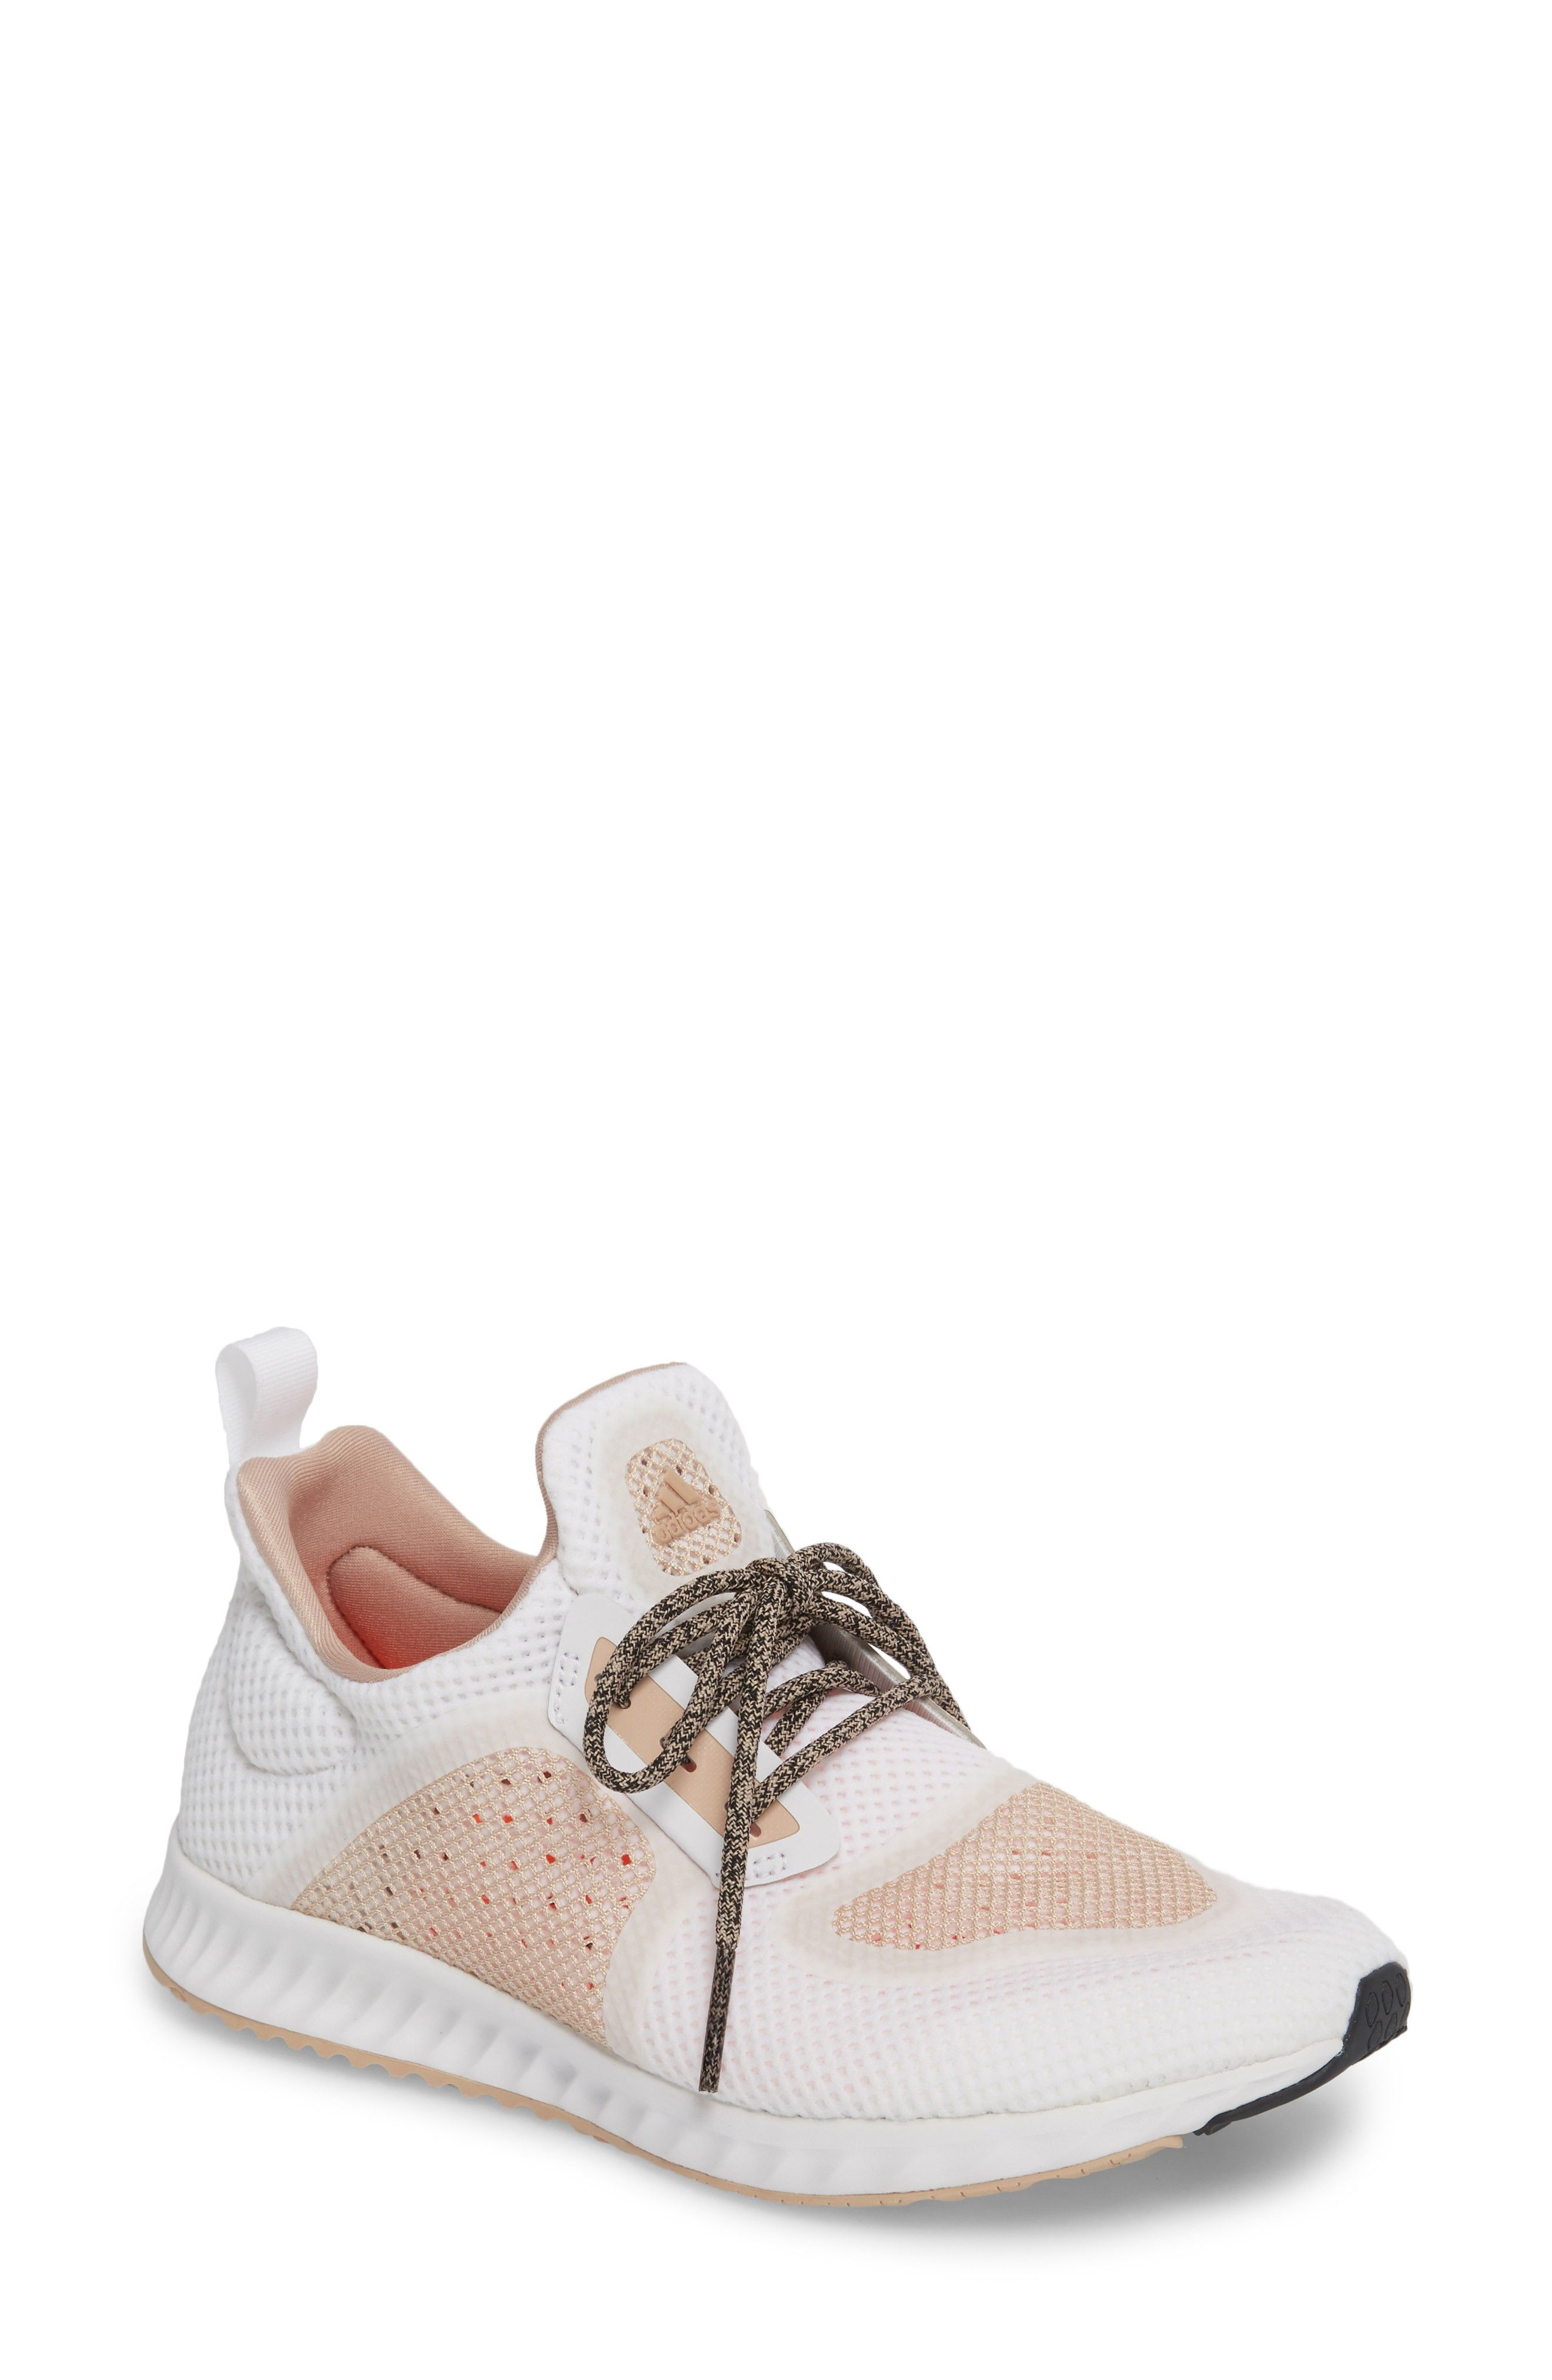 adidas originals women's edge lux clima running shoe